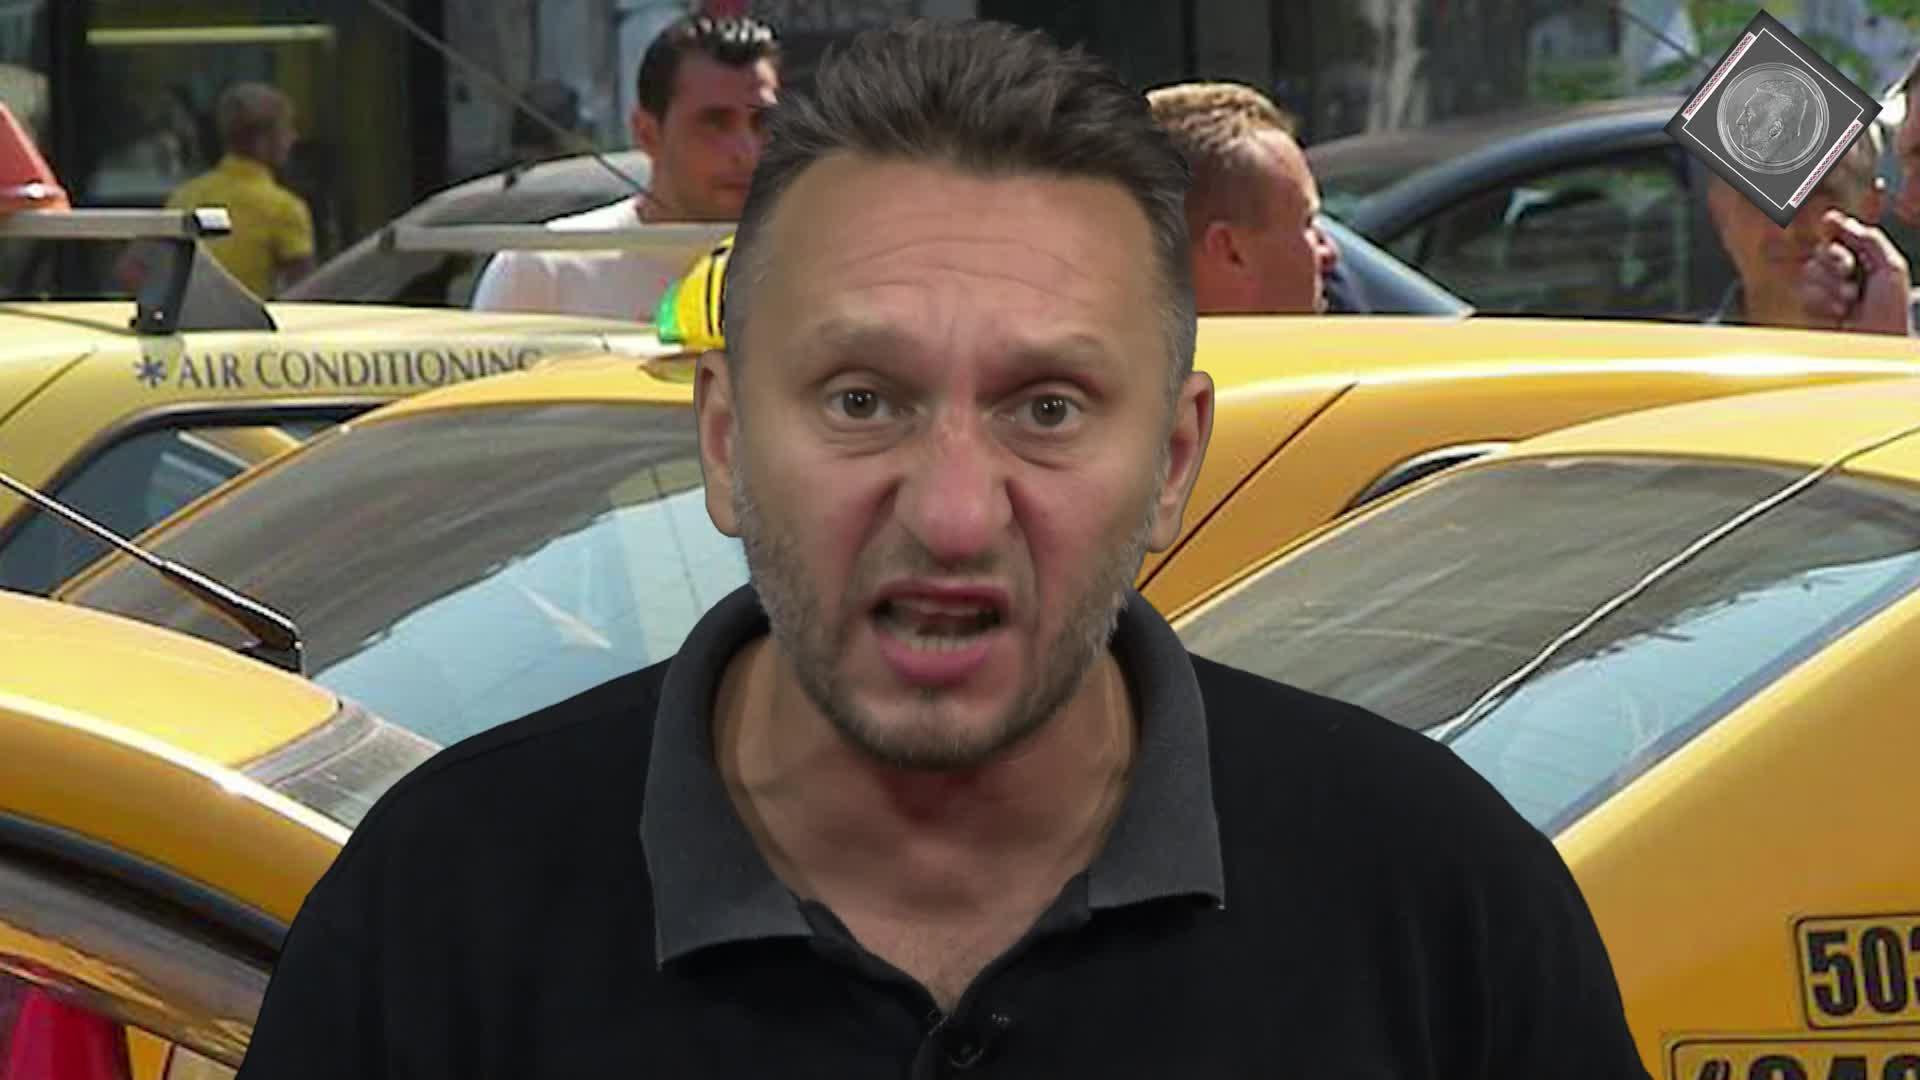 Tetelu si taxi-ul